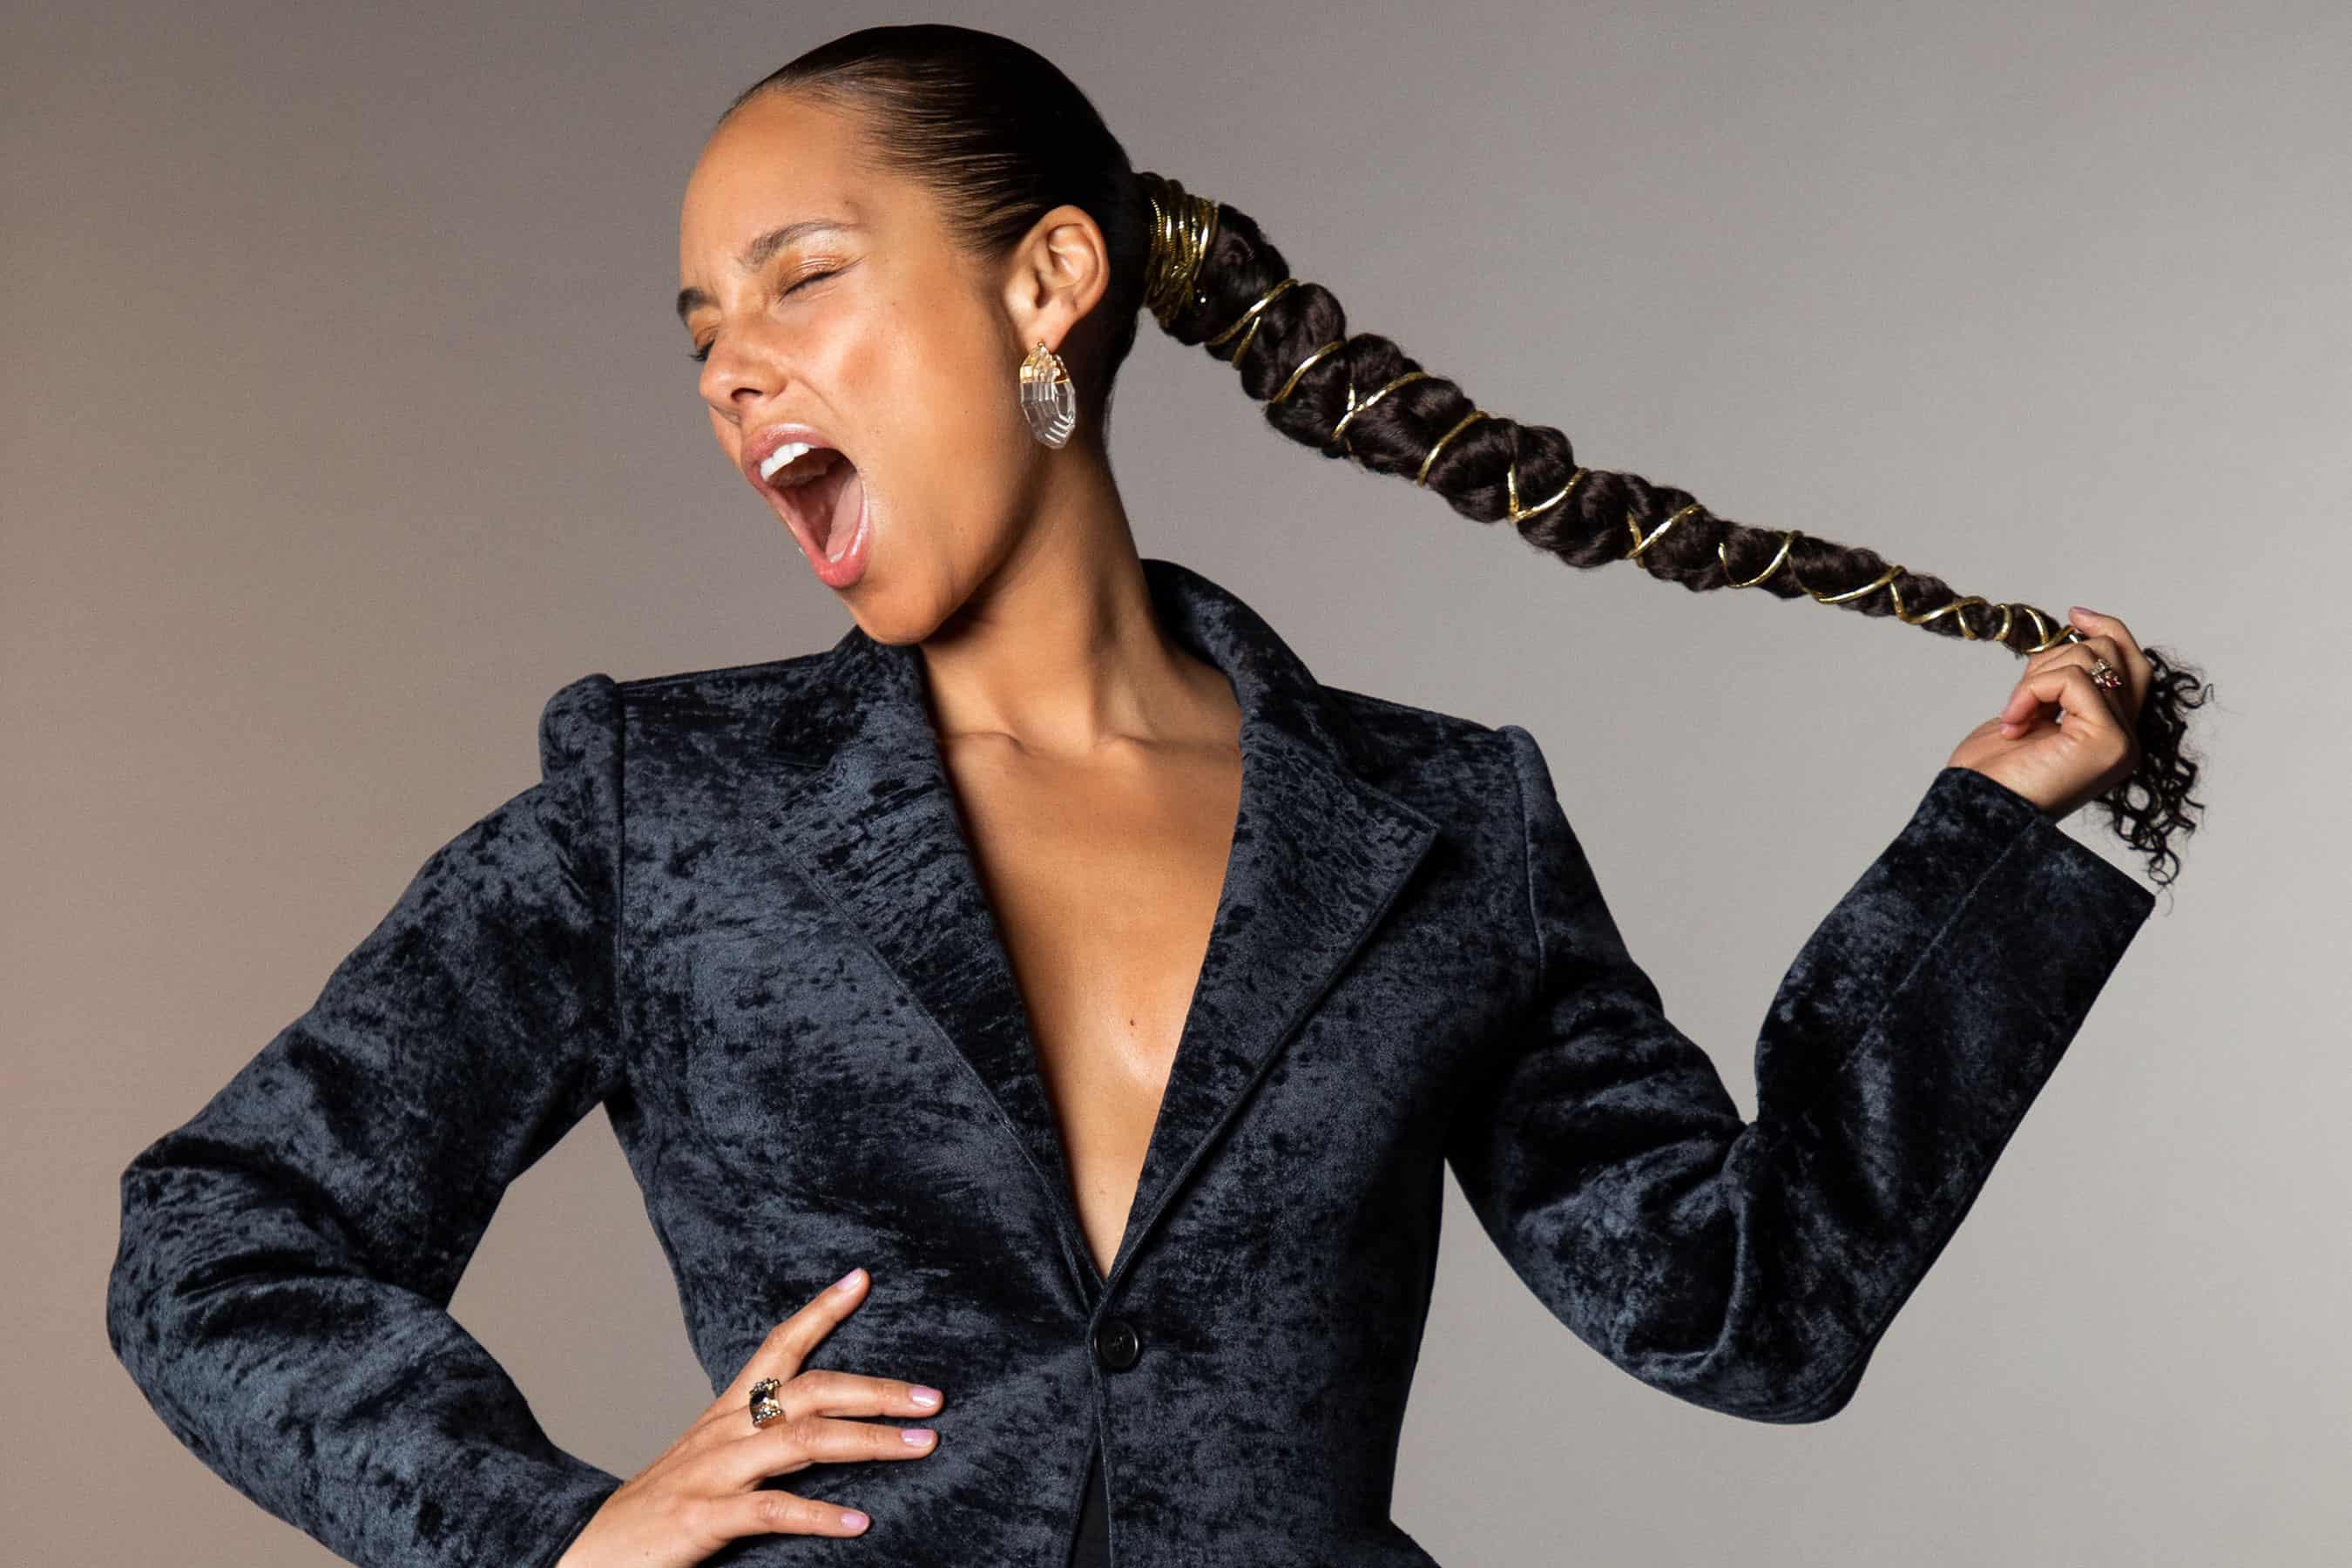 Alicia Keys đại diện cho trí thông minh về thanh âm